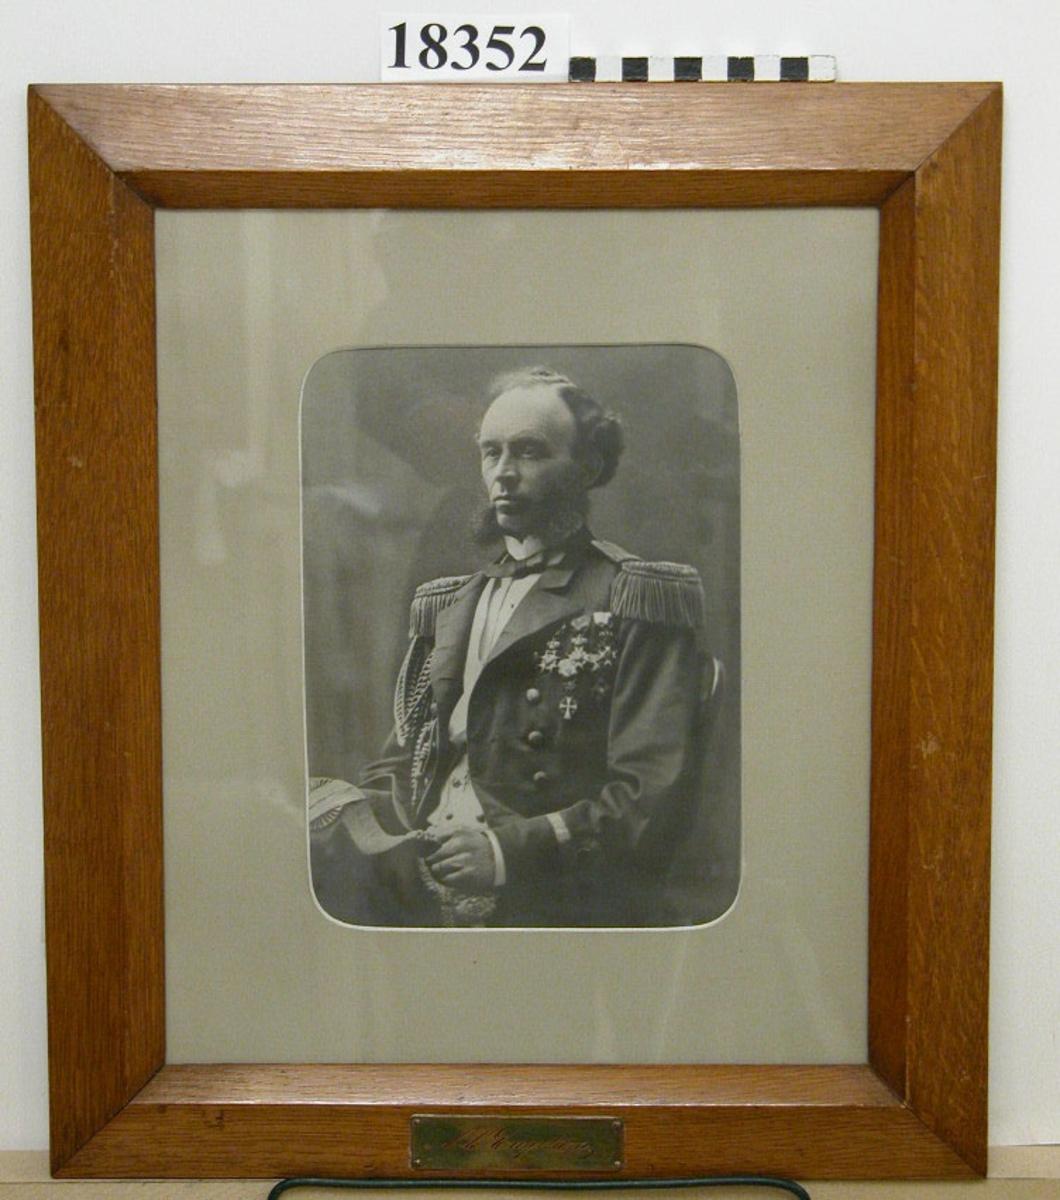 """Fotografi inom glas och ram föreställande C.C. Engström. Man sittande i stol klädd i paraduniform med medaljer, hållande båthatt. Tunt hår och breda polisonger. Passepartout  B = ca 50 mm. Ram av ljus ek fernissad, profilerad. Nederst mässingsbricka med graverat namn efter namnteckning: """" C.C Engstöm """". Baksida kartong försedd med lapp: A Carl Christian Engström född 1827 19/6 död 1916 22/4 chef 1876-78 Neg.nr A 376 6:17"""